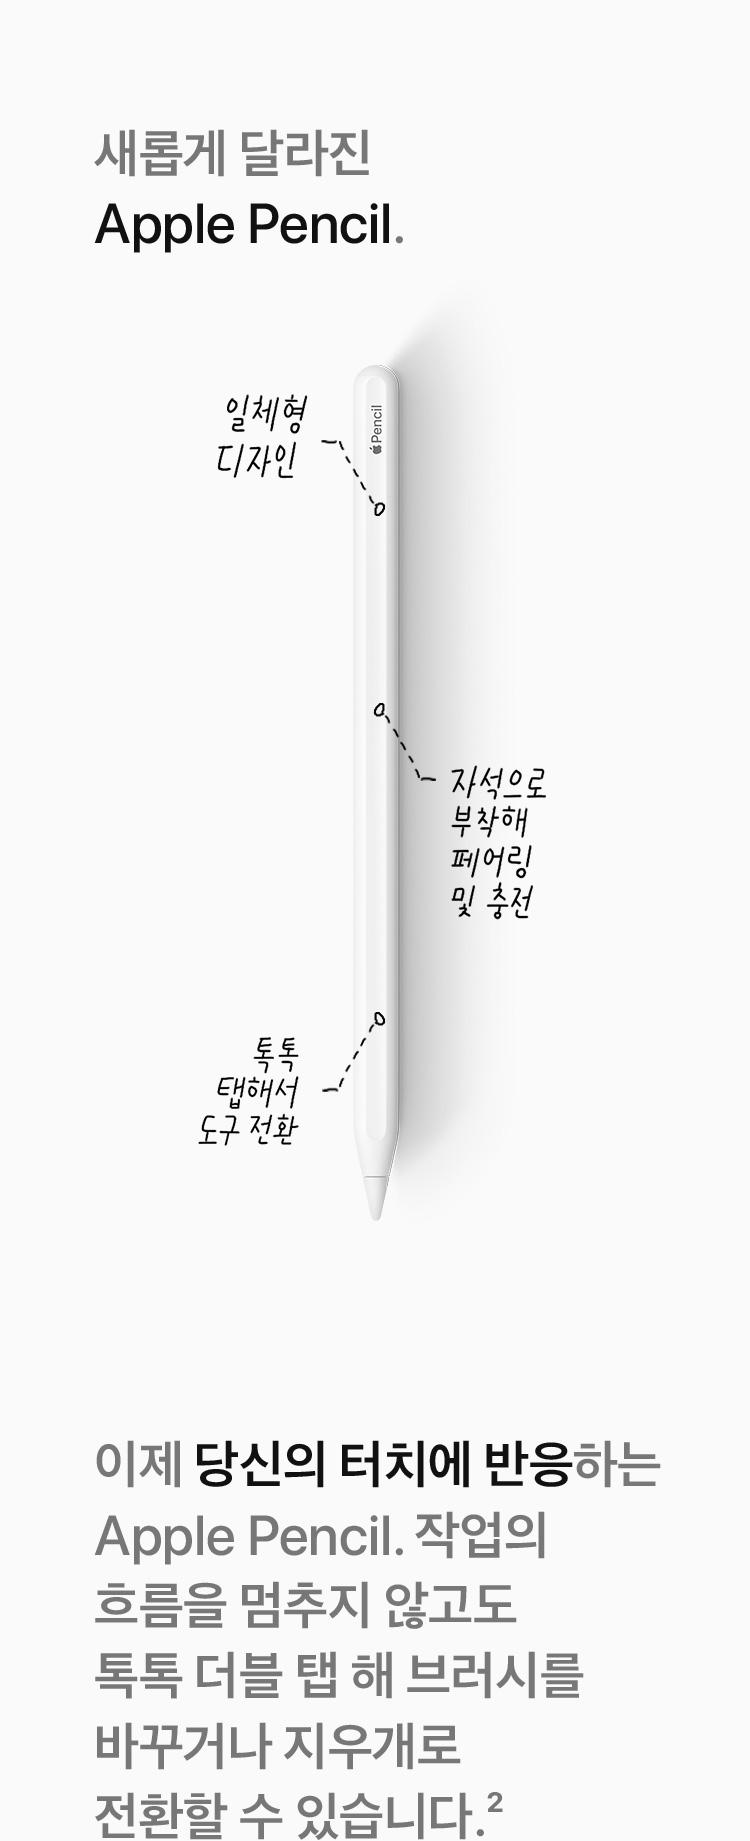 새롭게 달라진 Apple Pencil - 이제 당신의 터치체 반응하는 Apple Pencil. 작업의 흐름을 멈추지 않고도 톡톡 더블 탭 해 브러시를 바꾸거나 지우개로 전환할 수 있습니다.